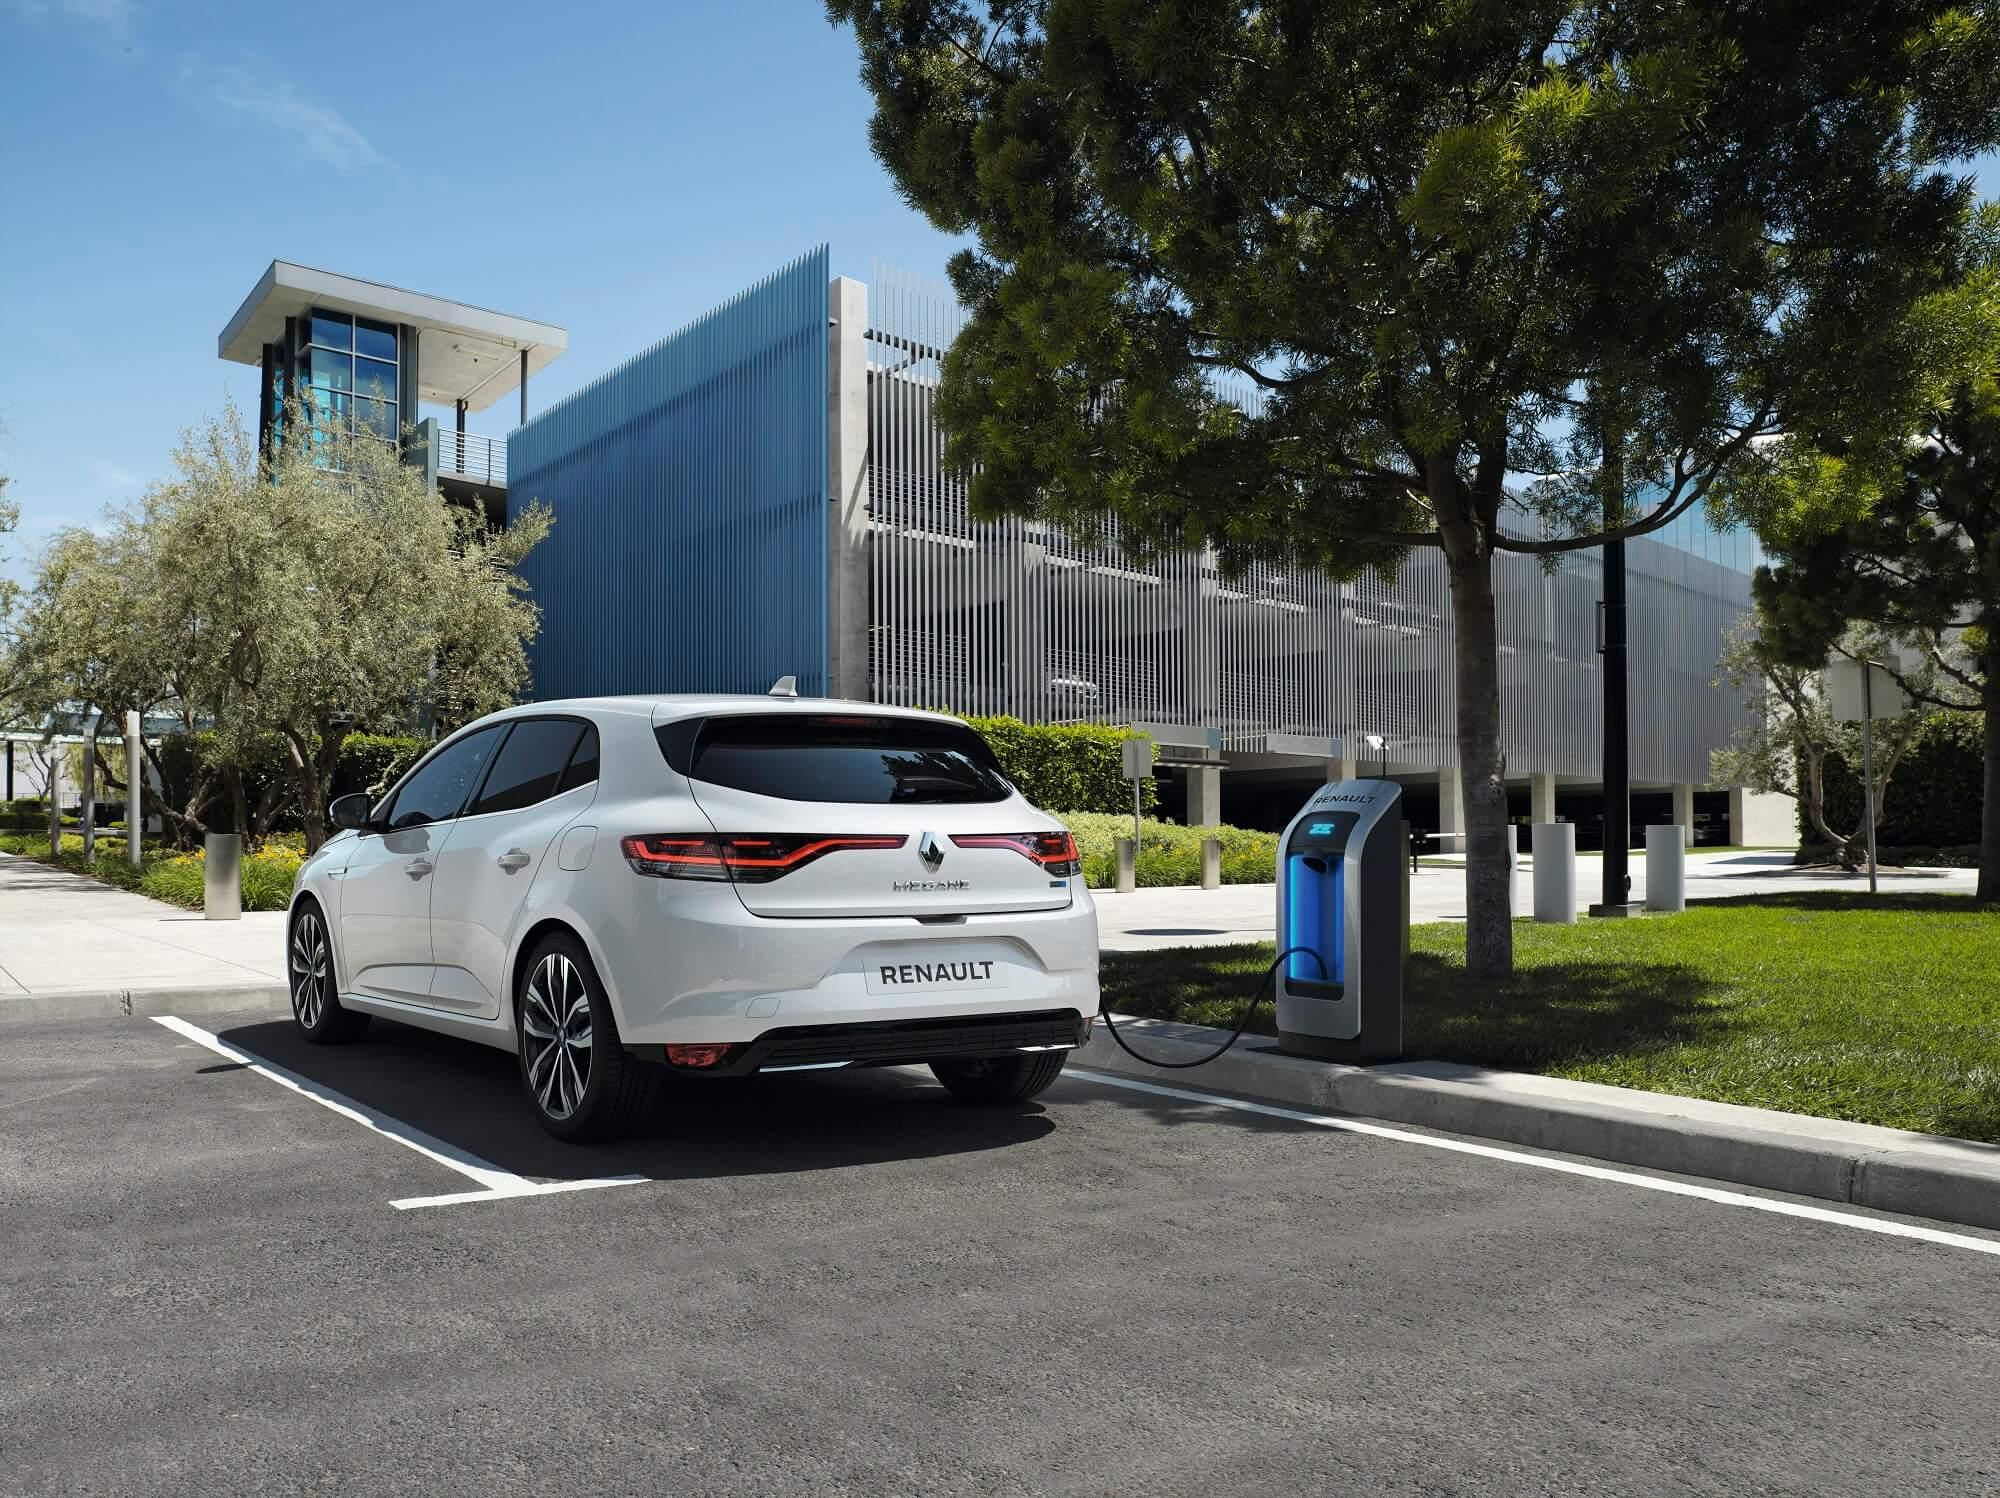 Renault Mégane E-TECH Hybride rechargeable